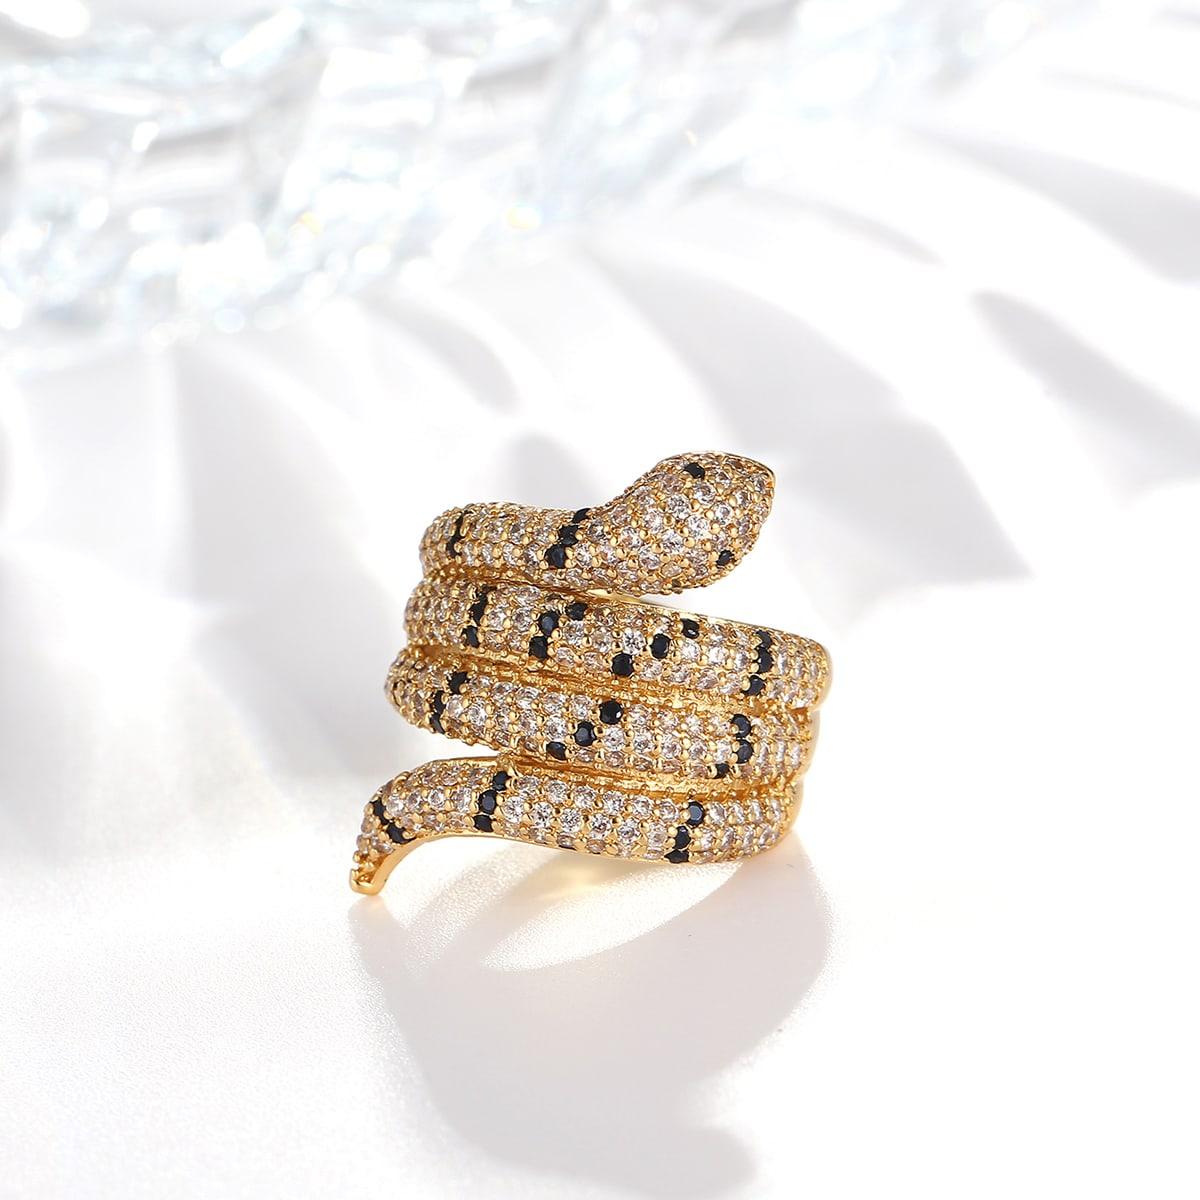 Кольцо с цирконом в форме змеи